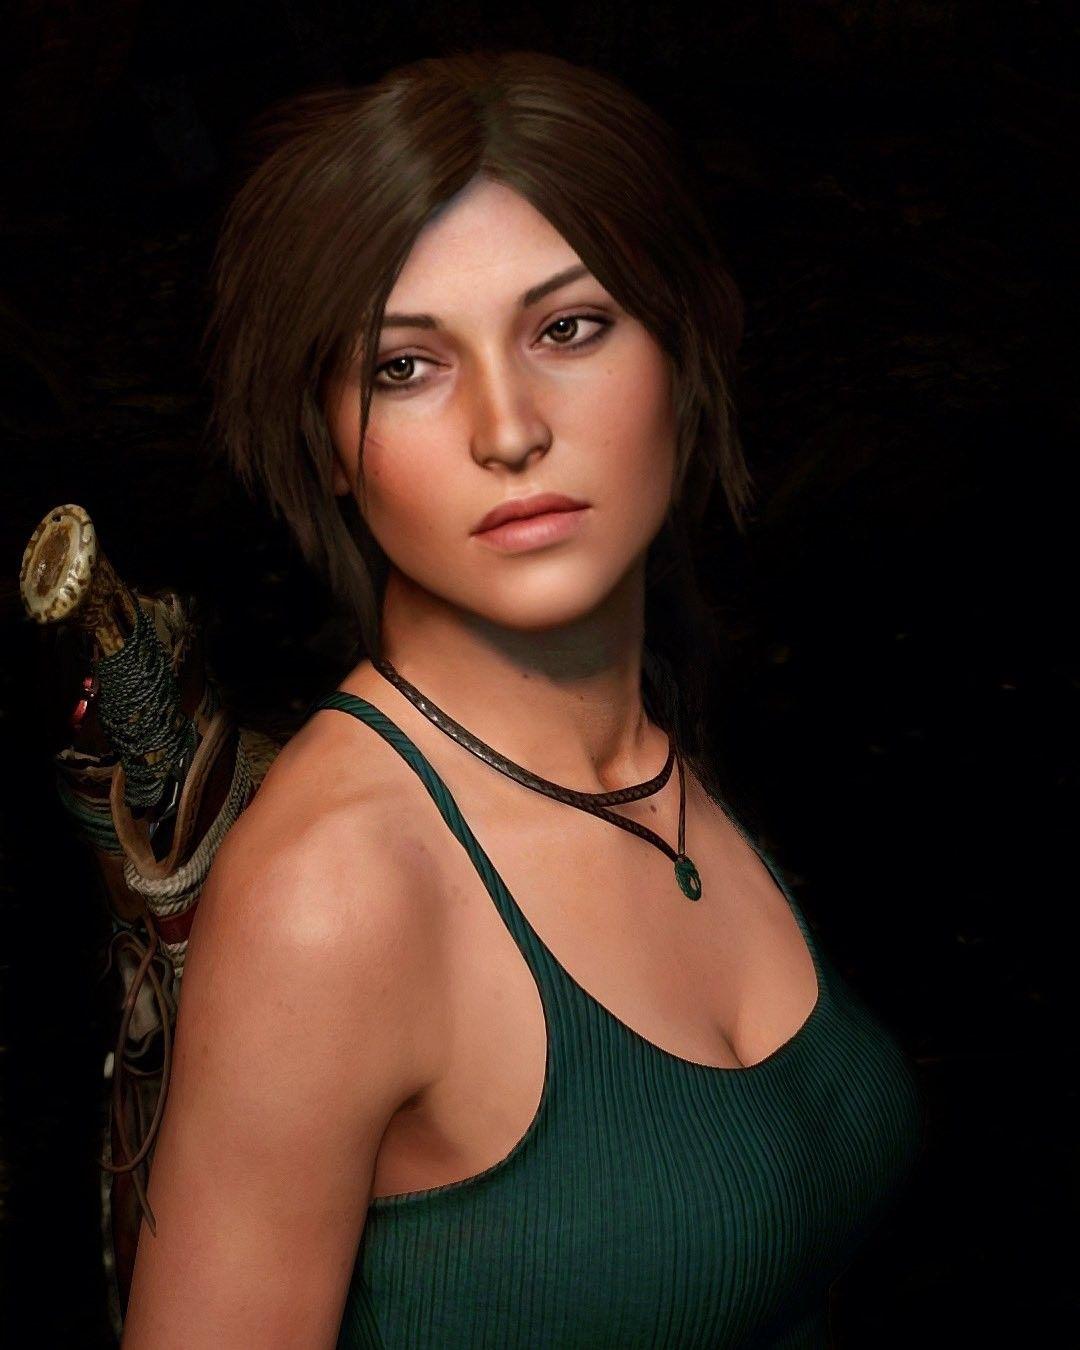 Cosplay-Lara-Croft-3 | Lara croft cosplay, Ideias de